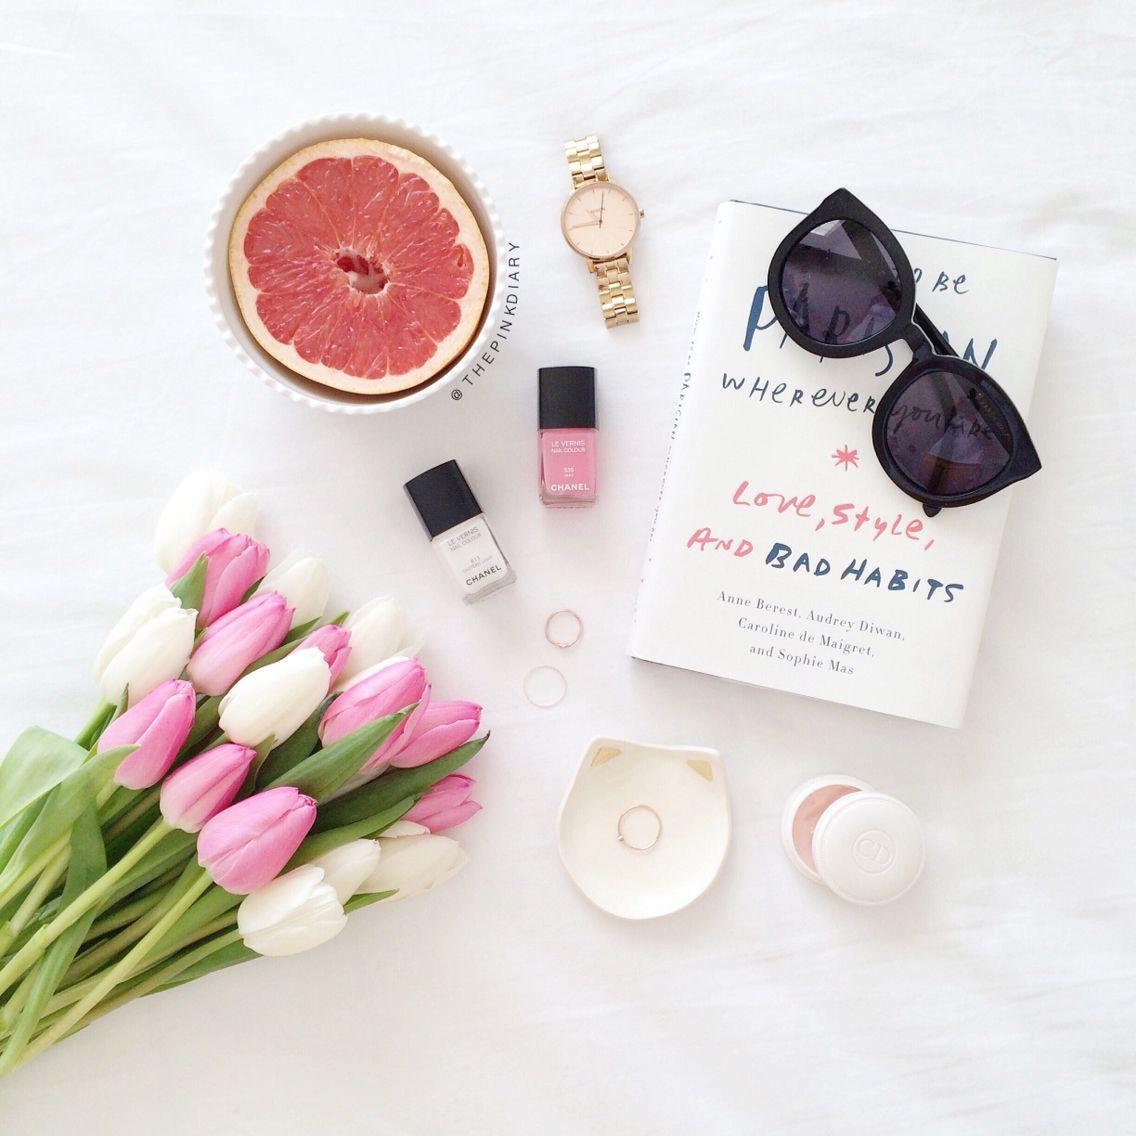 pink white tulips details instagram foto ideen instagram und fotos. Black Bedroom Furniture Sets. Home Design Ideas